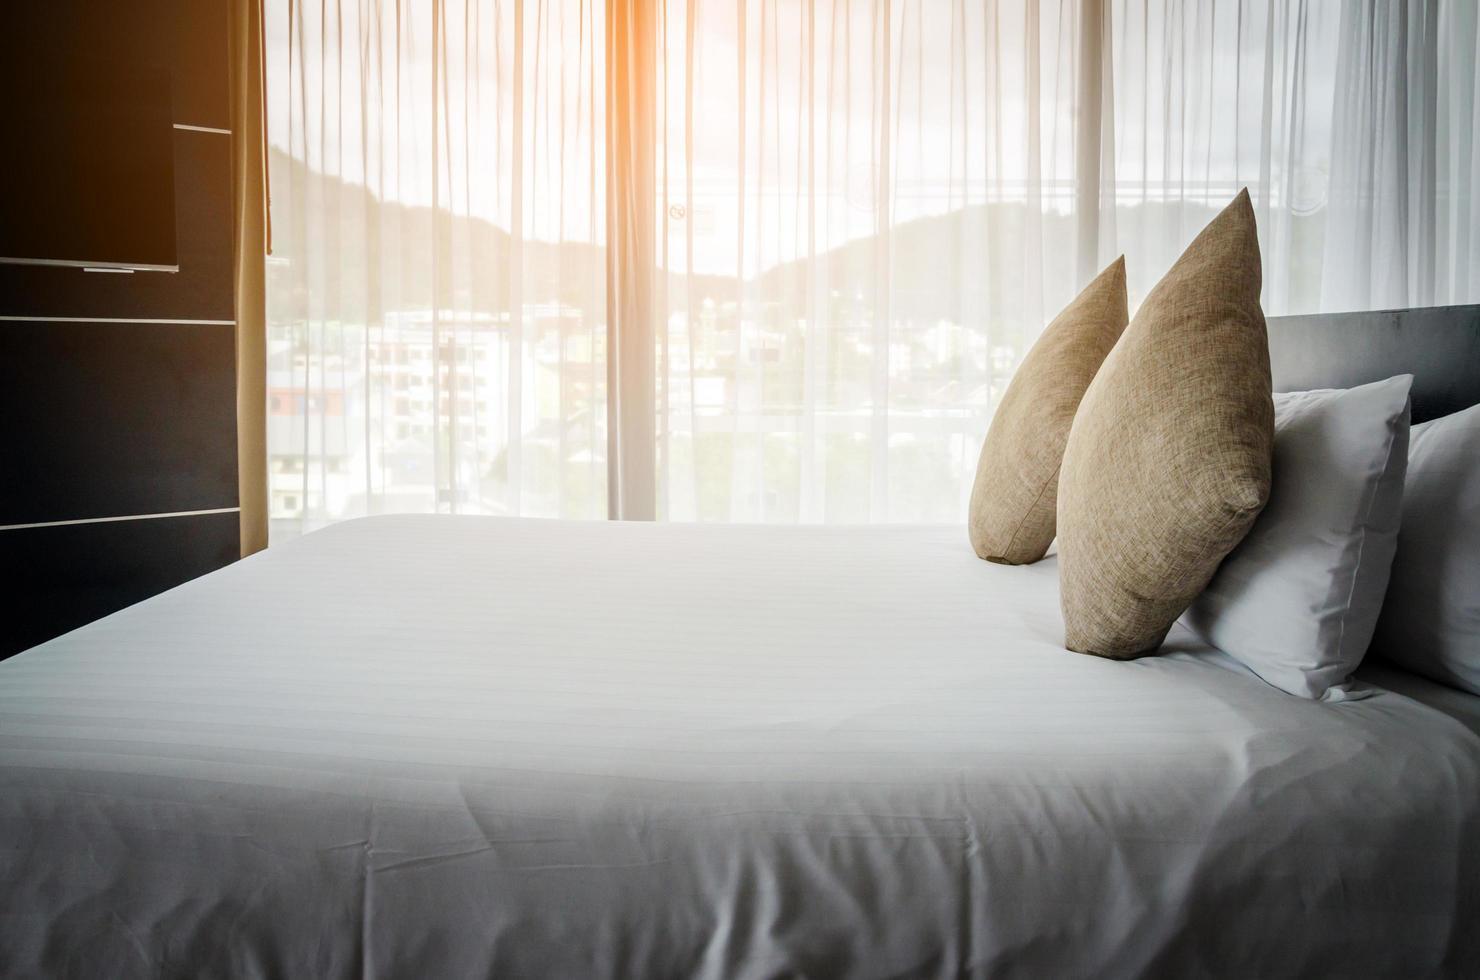 Kissen auf einem Hotelbett foto